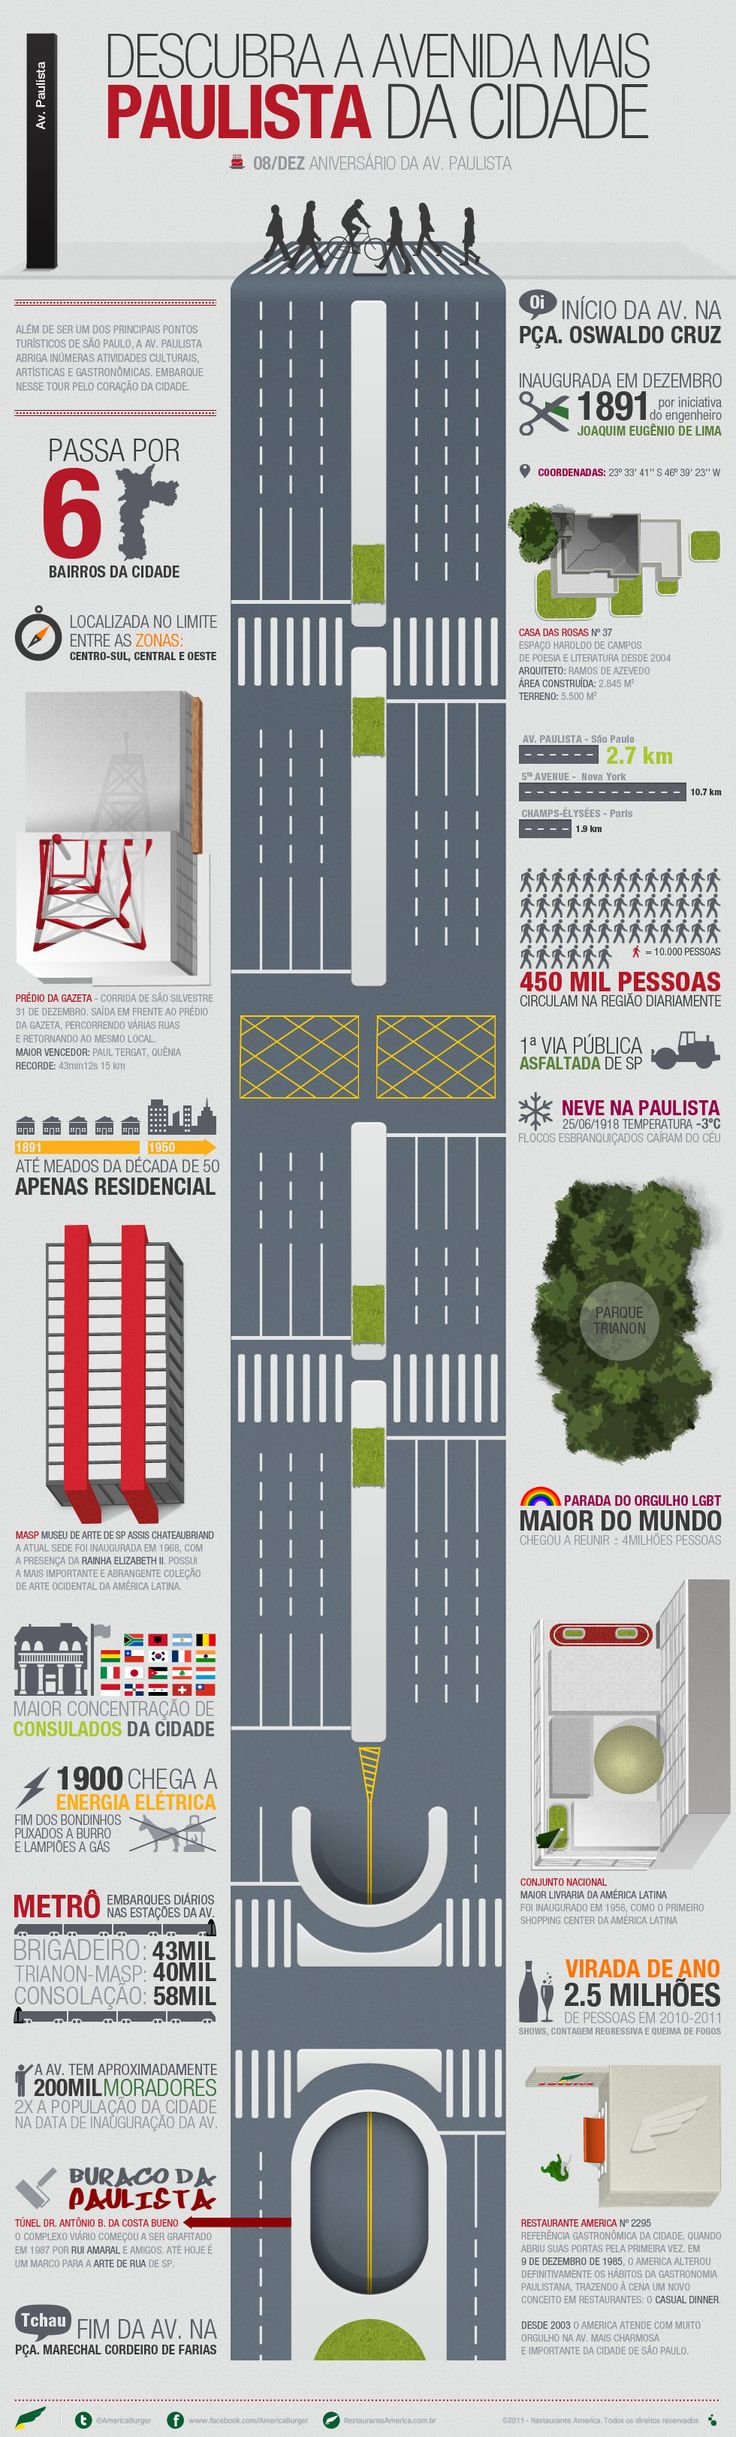 O Restaurante América fez um infográfico incrível, homenageando a Av. Paulista.